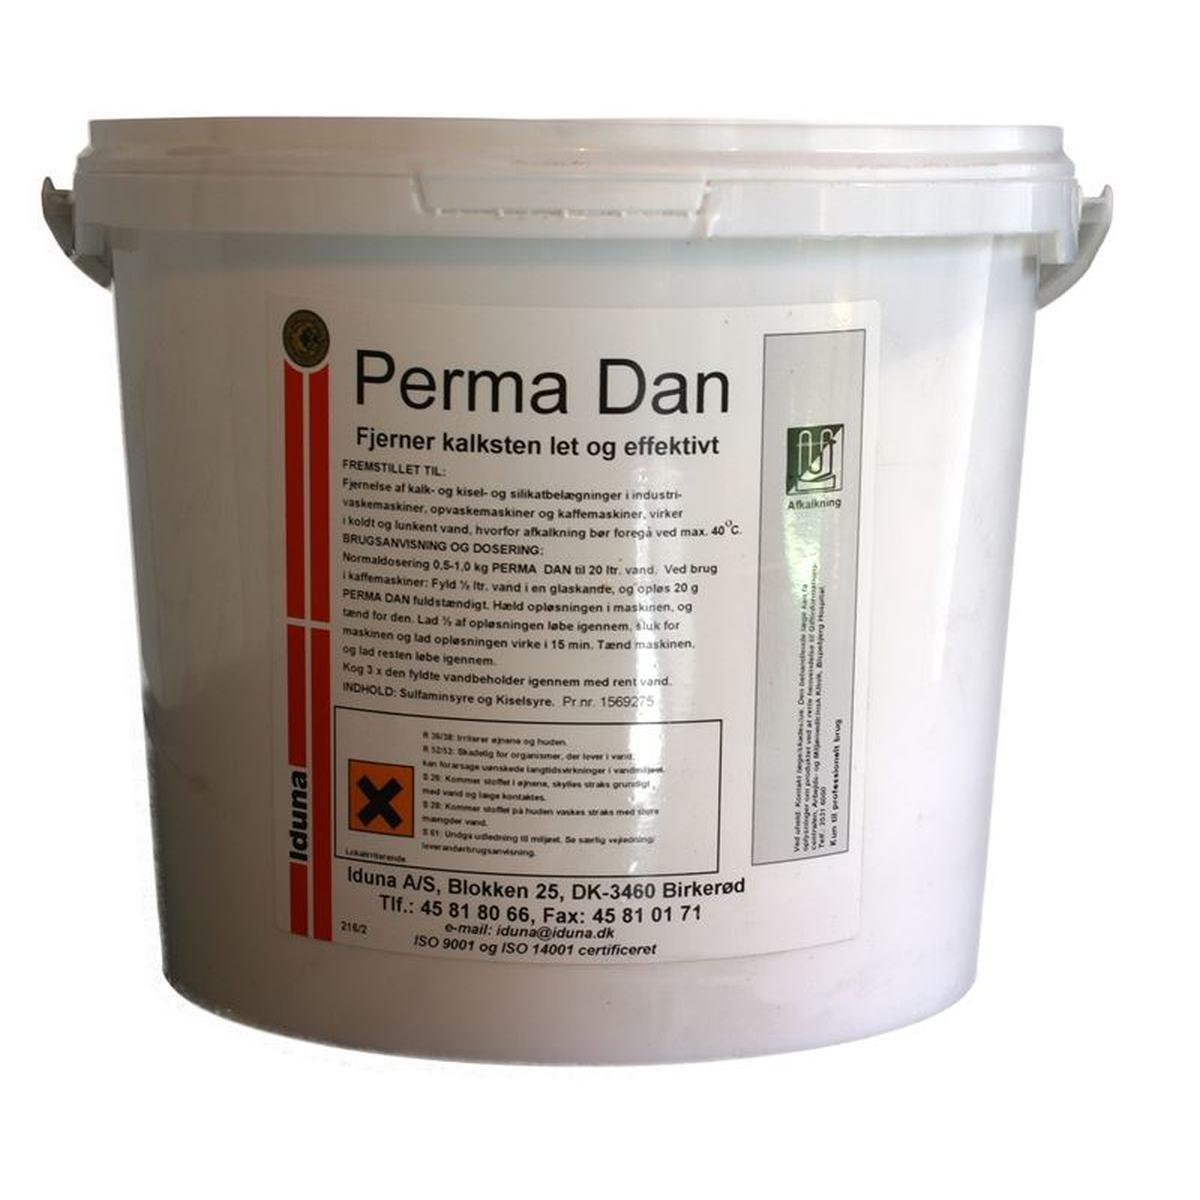 Perma Dan 5 kg avhärdare i hink